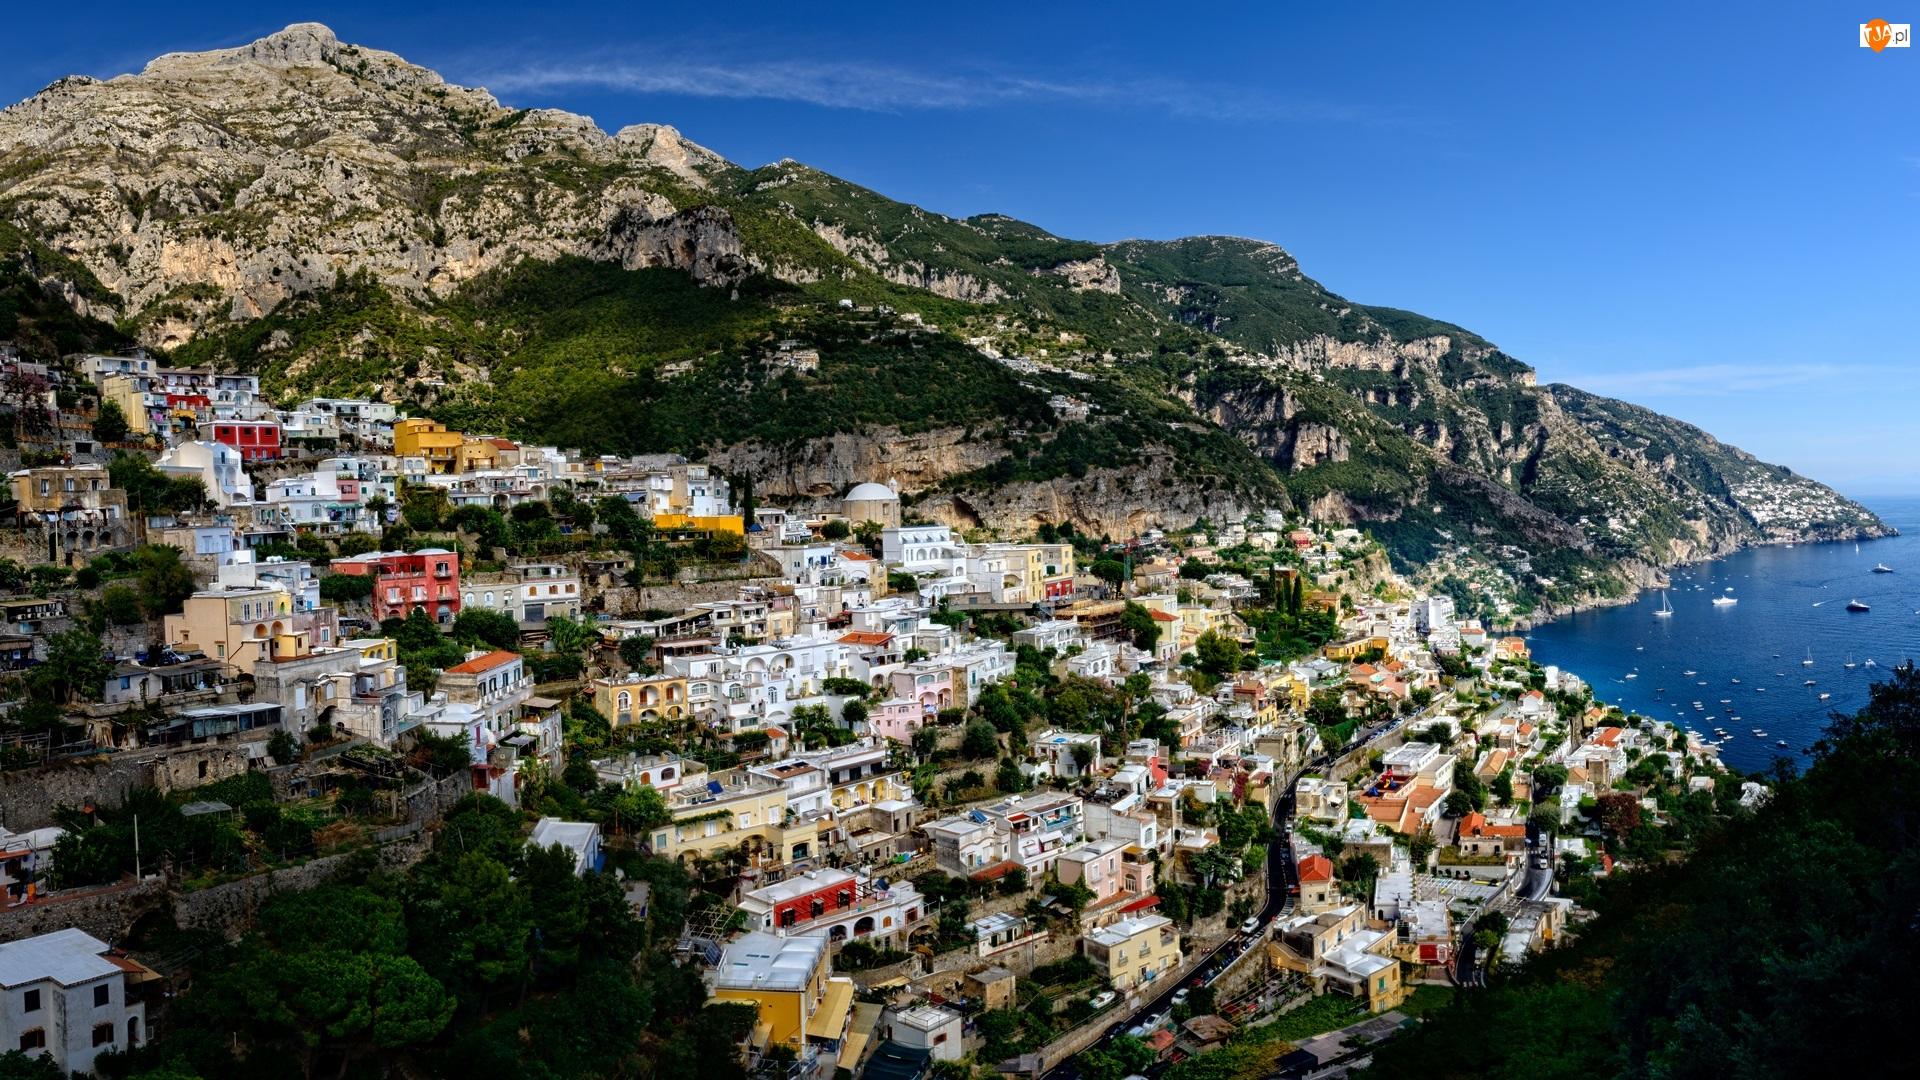 Salerno, Amalfi, Domy, Włochy, Góry, Wybrzeże, Morze